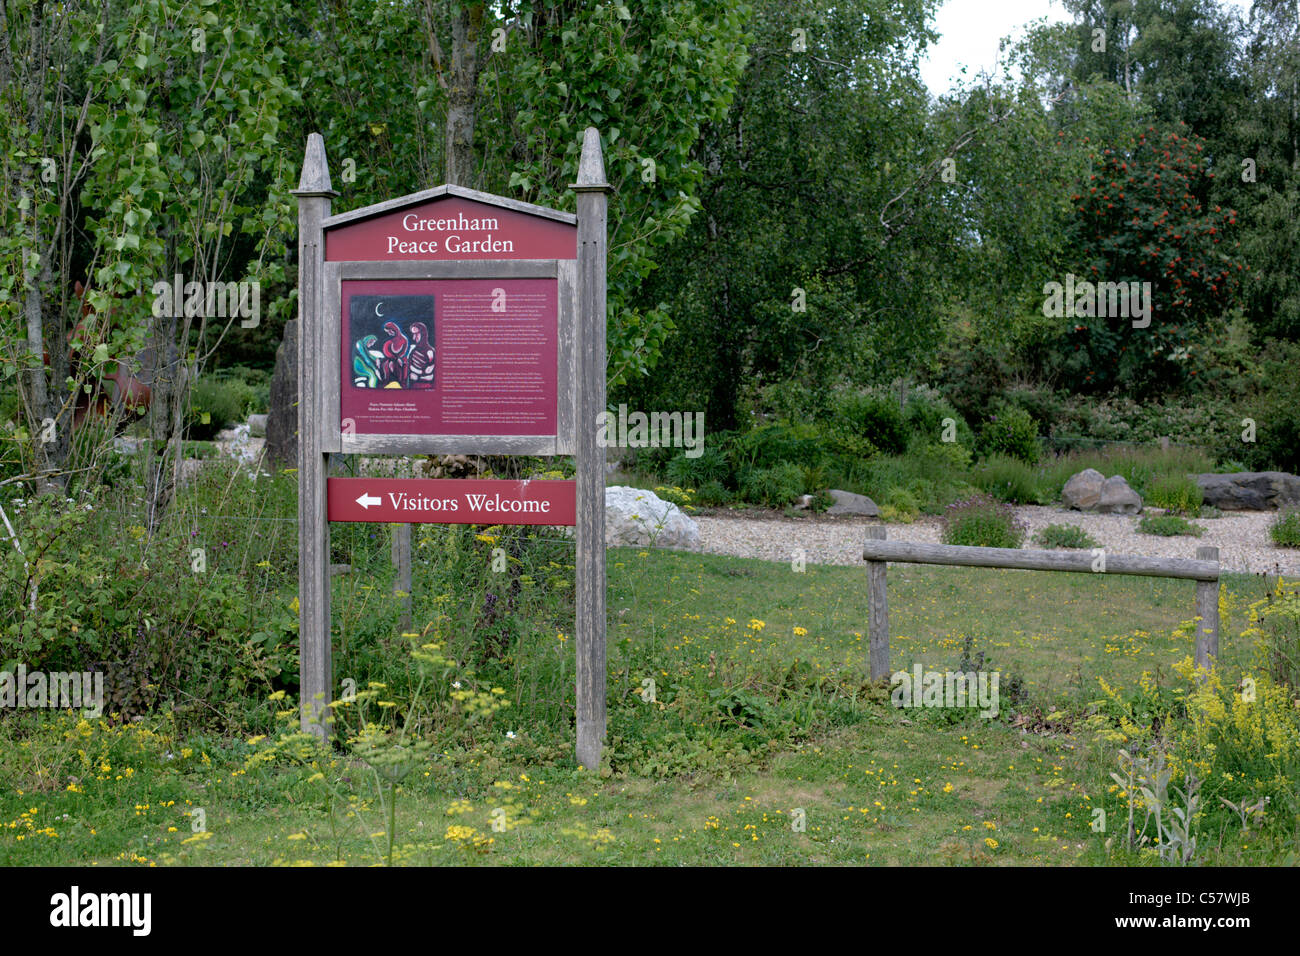 Greenham Frieden Garten Newbury Berkshire England UK Website des ehemaligen Frieden Frauenlager Stockbild